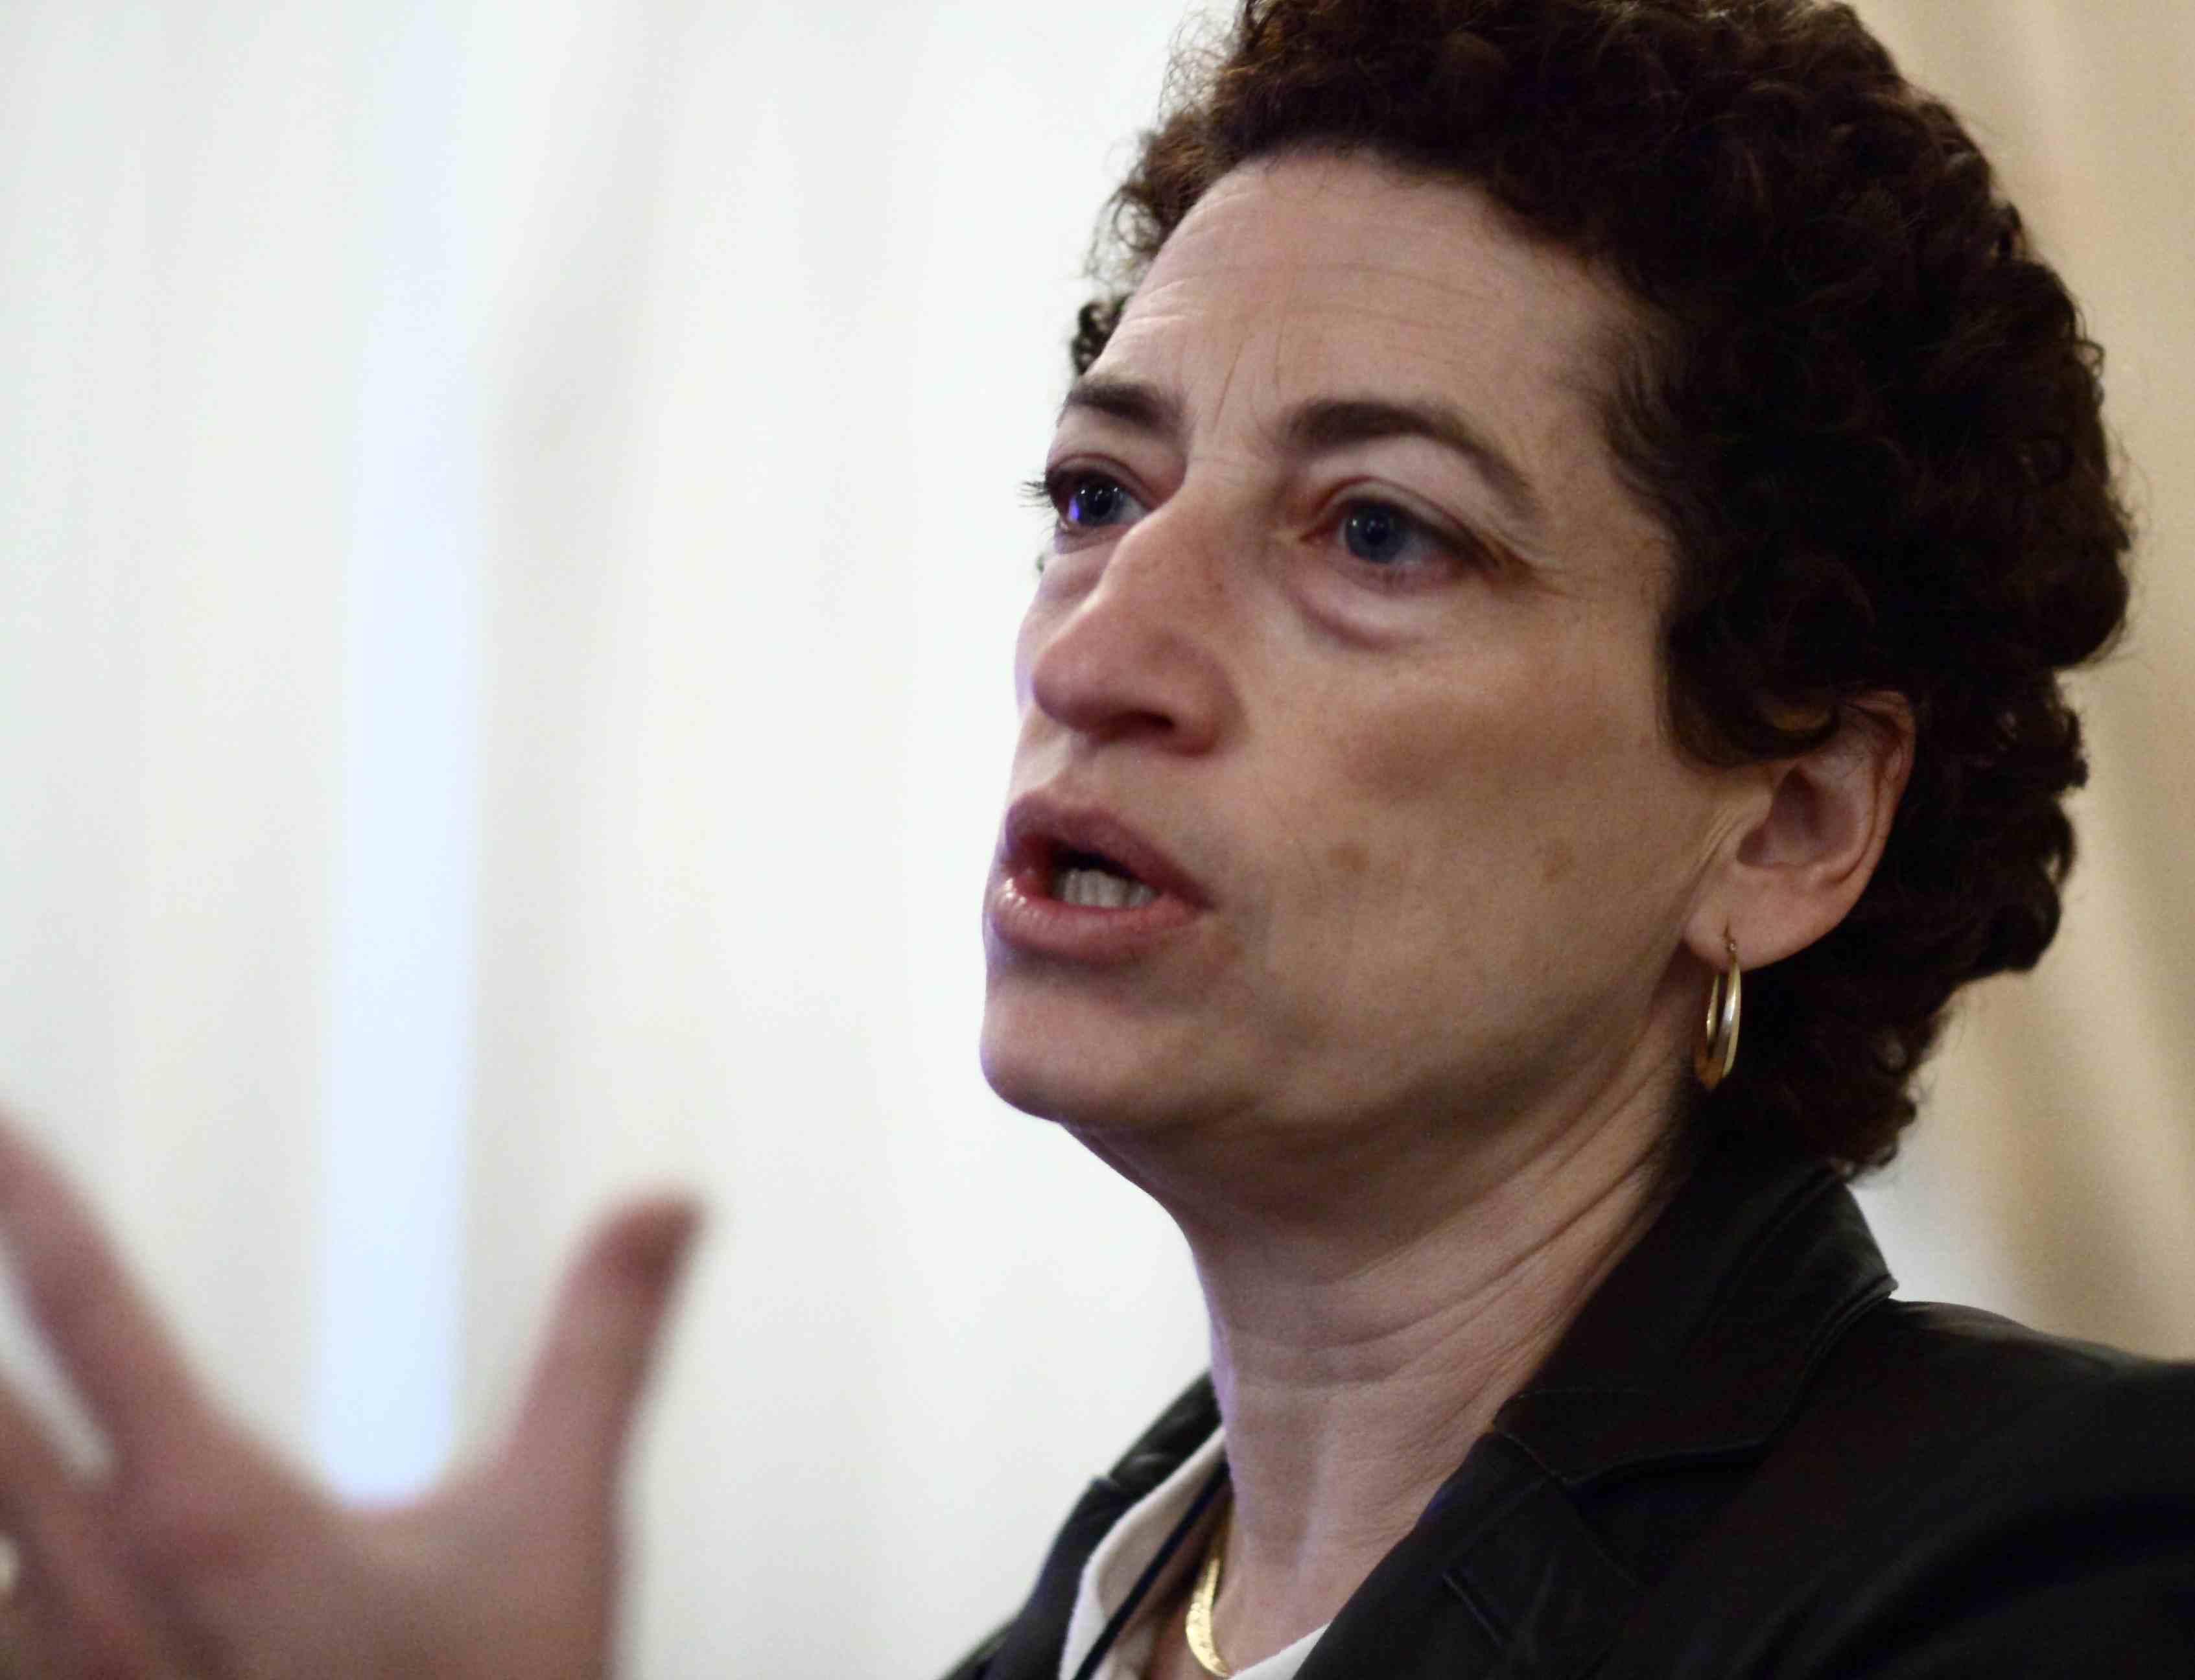 Naomi Oreskes: artetypische klimaat'deskundige' (socioloog of iets in die geest), die zichzelf vreselijk serieus neemt